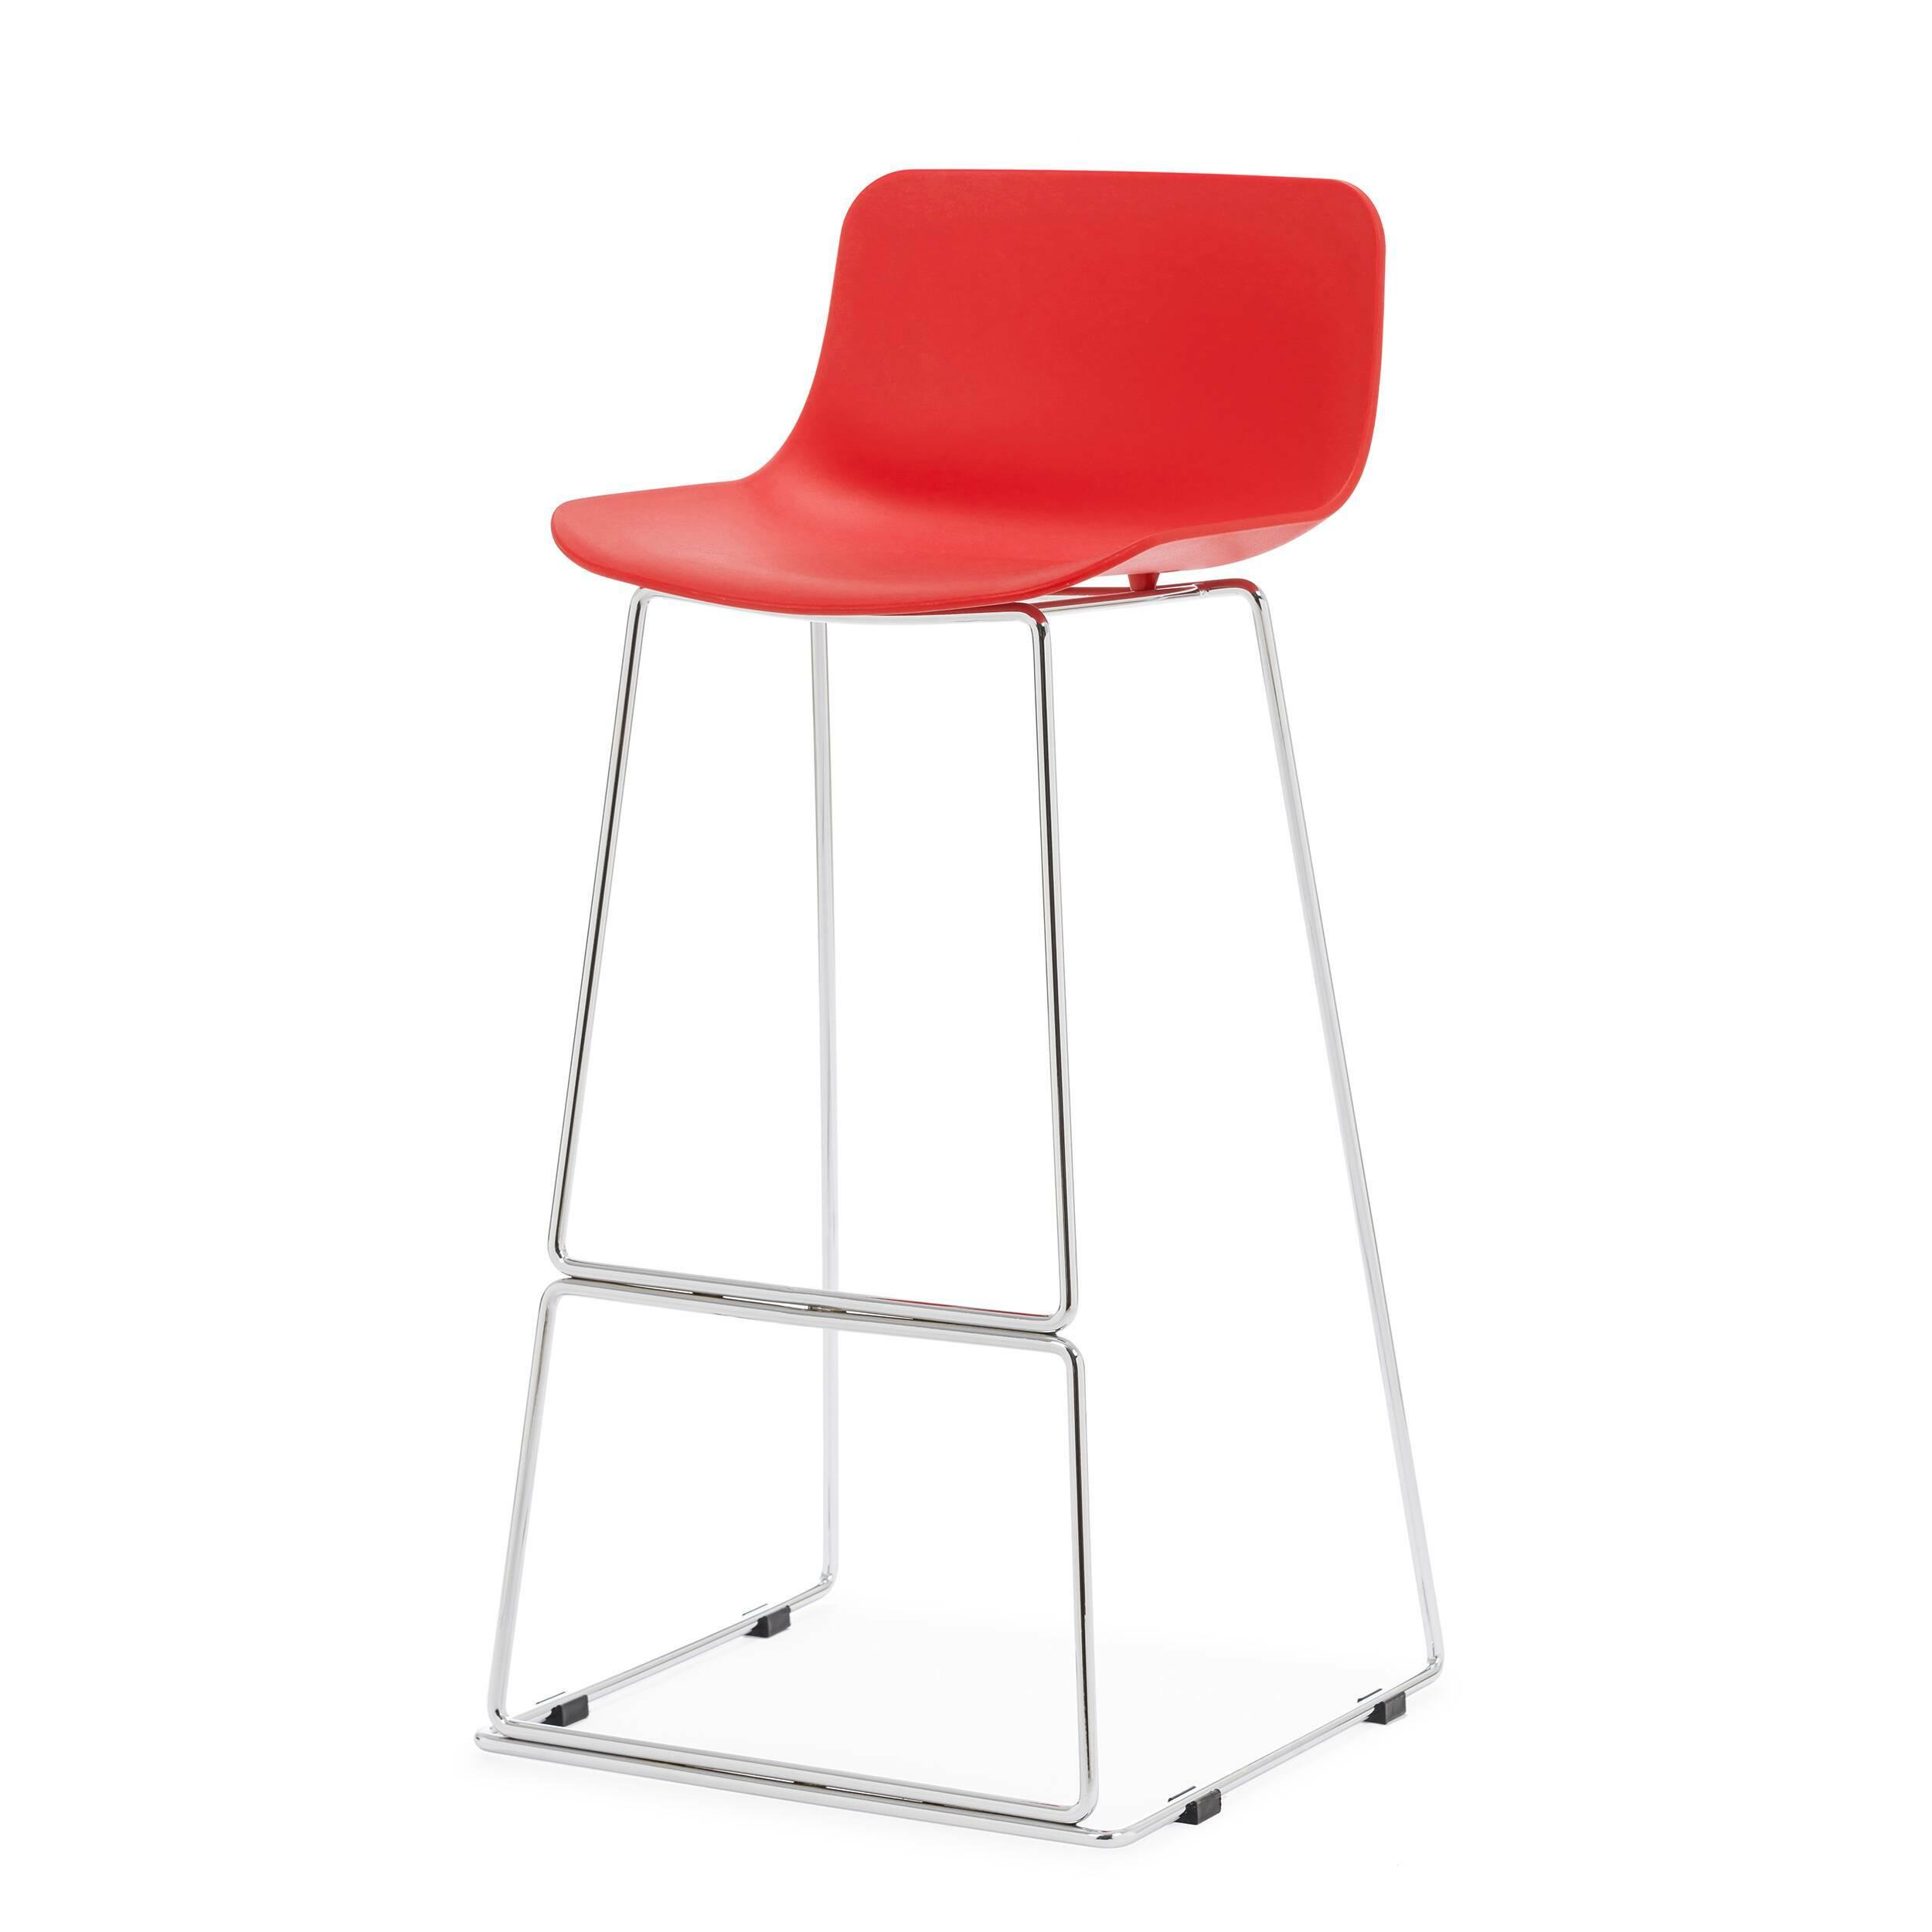 Барный стул NeoБарные<br>Дизайнерский высокий барный стул Neo (Нео) на стальных ножках от Cosmo (Космо). <br><br> Дополните свой интерьер элегантным барным стулом Neo, который идеально подойдет для минималистического дизайна в современном исполнении или помещений в стиле техно, где приветствуется металл и пластик. Утонченный высокий каркас из нержавеющей стали с подставкой для ног и антискользящими насадками надежно удерживает эргономичное сиденье. Его мягкие формы плавно переходят в невысокую спинку, создавая комфортны...<br><br>stock: 0<br>Высота: 100<br>Ширина: 48<br>Глубина: 49<br>Цвет ножек: Хром<br>Цвет сидения: Красный<br>Тип материала сидения: Полипропилен<br>Тип материала ножек: Сталь нержавеющая